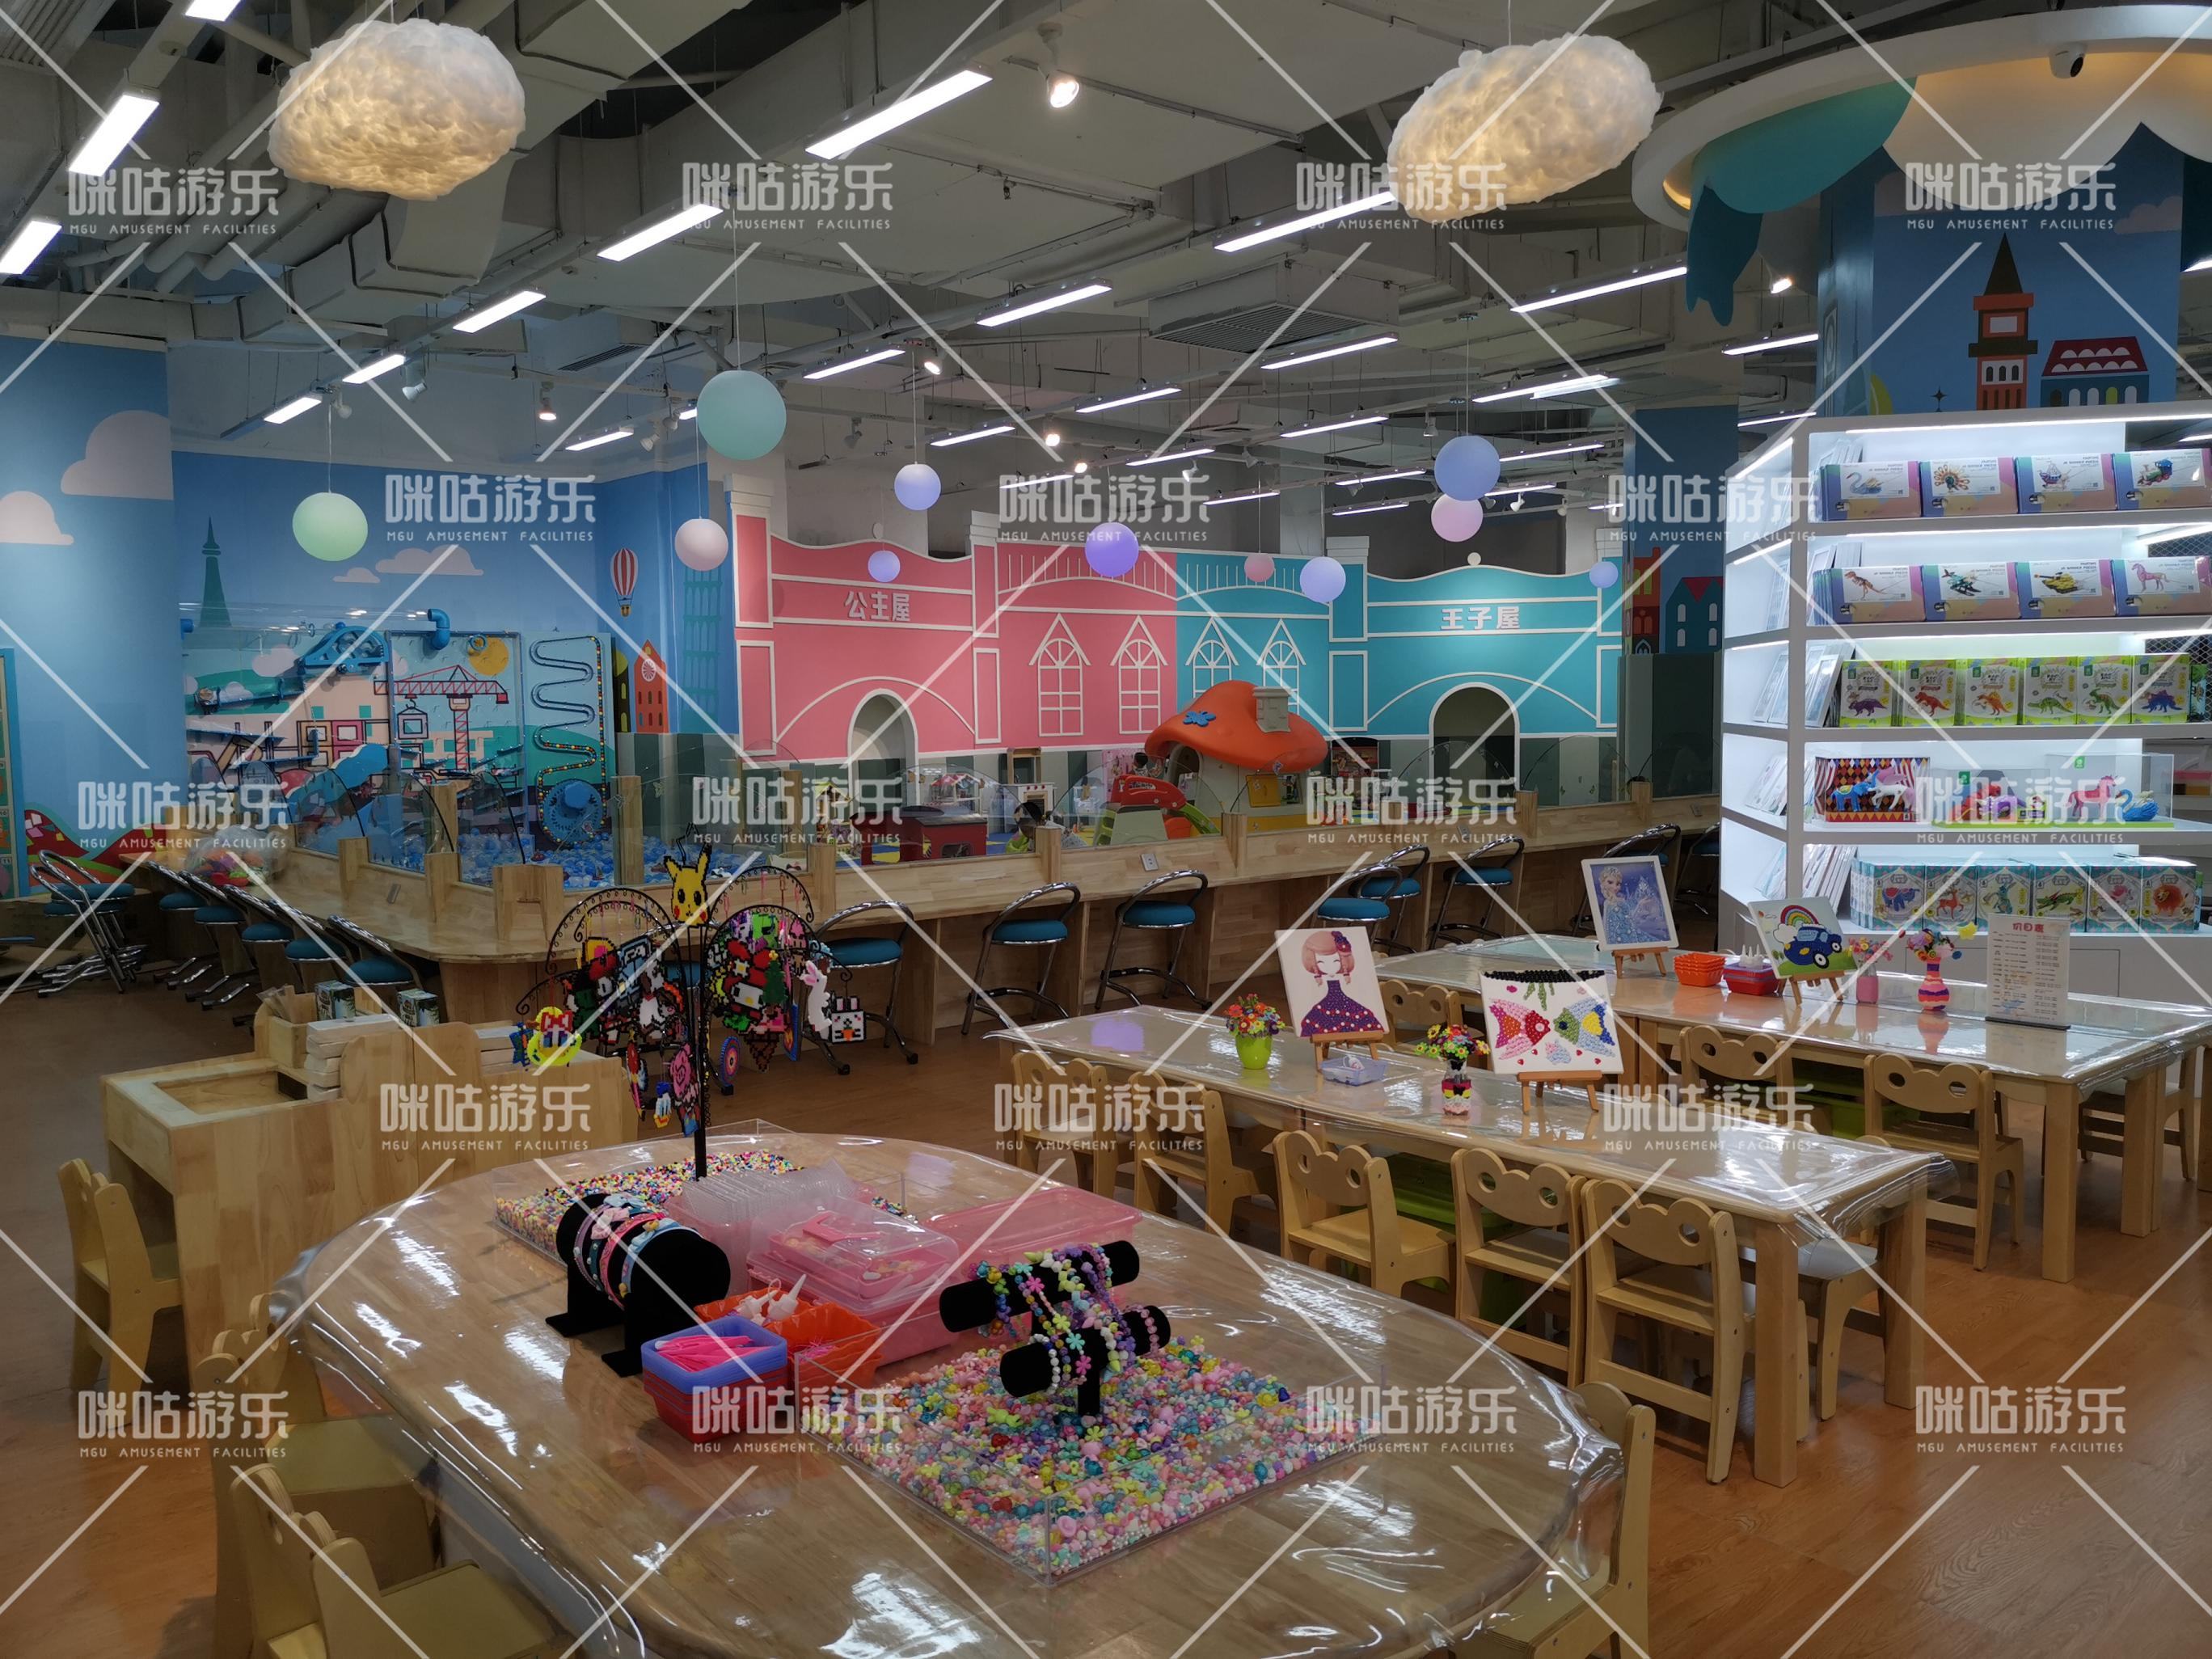 微信图片_20200429160031 - 副本 - 副本.jpg 庆阳儿童乐园加盟需要多少钱 加盟资讯 游乐设备第3张